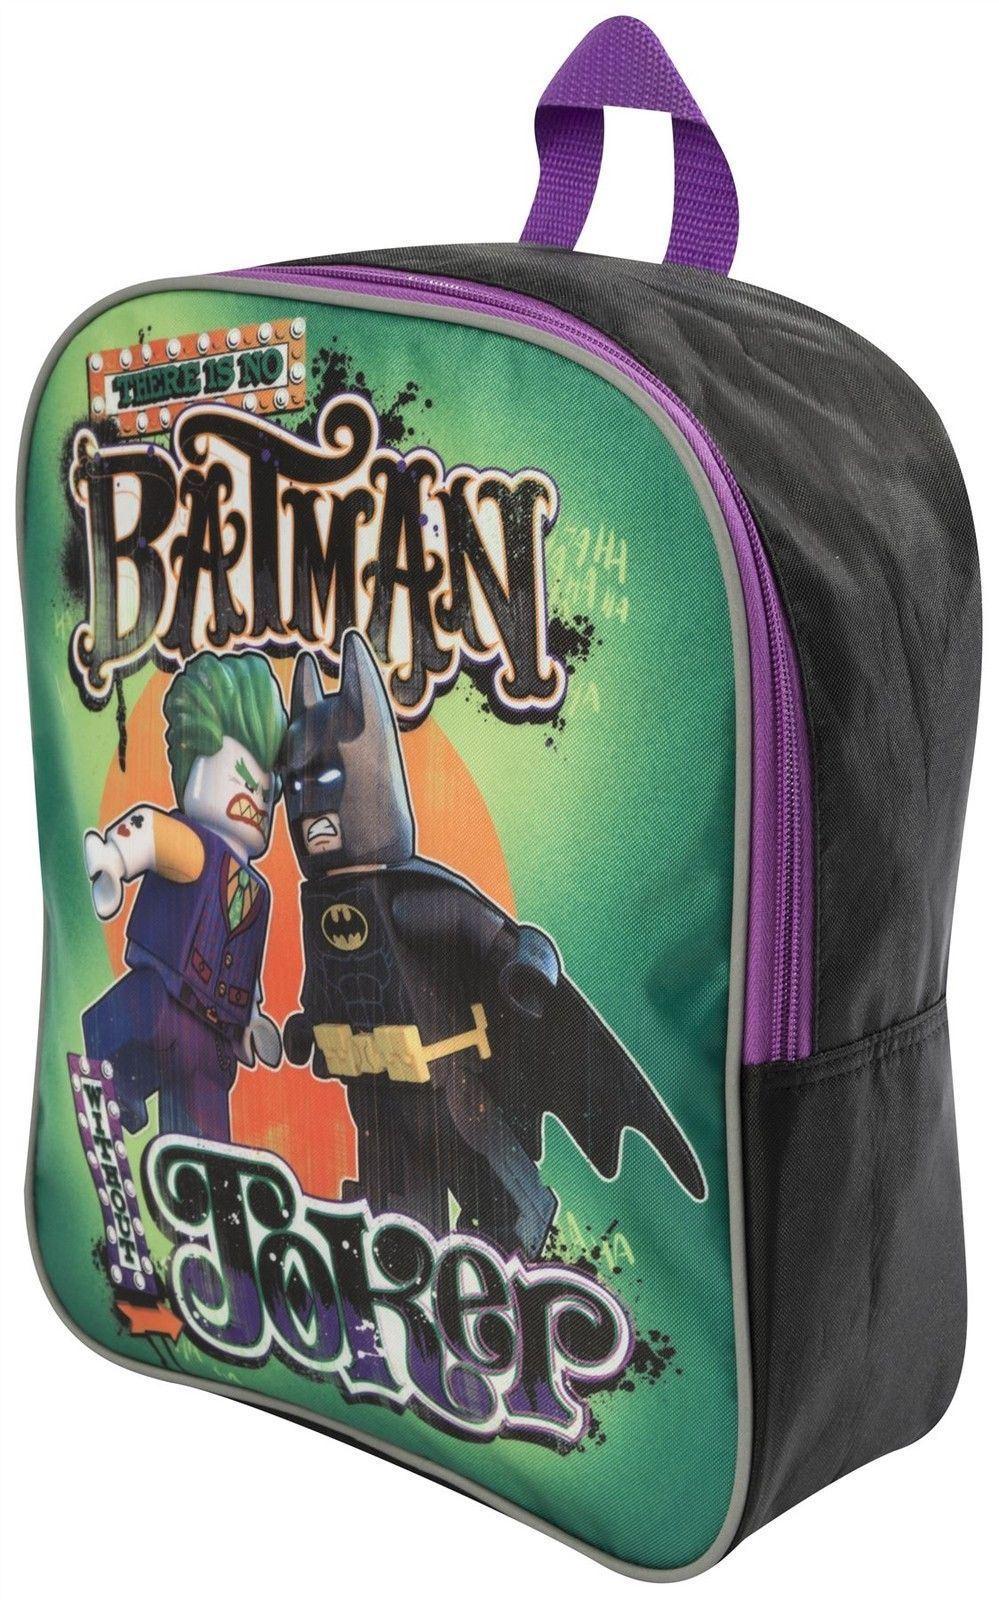 a05834d46ec2 Official Lego Batman and Joker Childrens Kids Backpack School ...